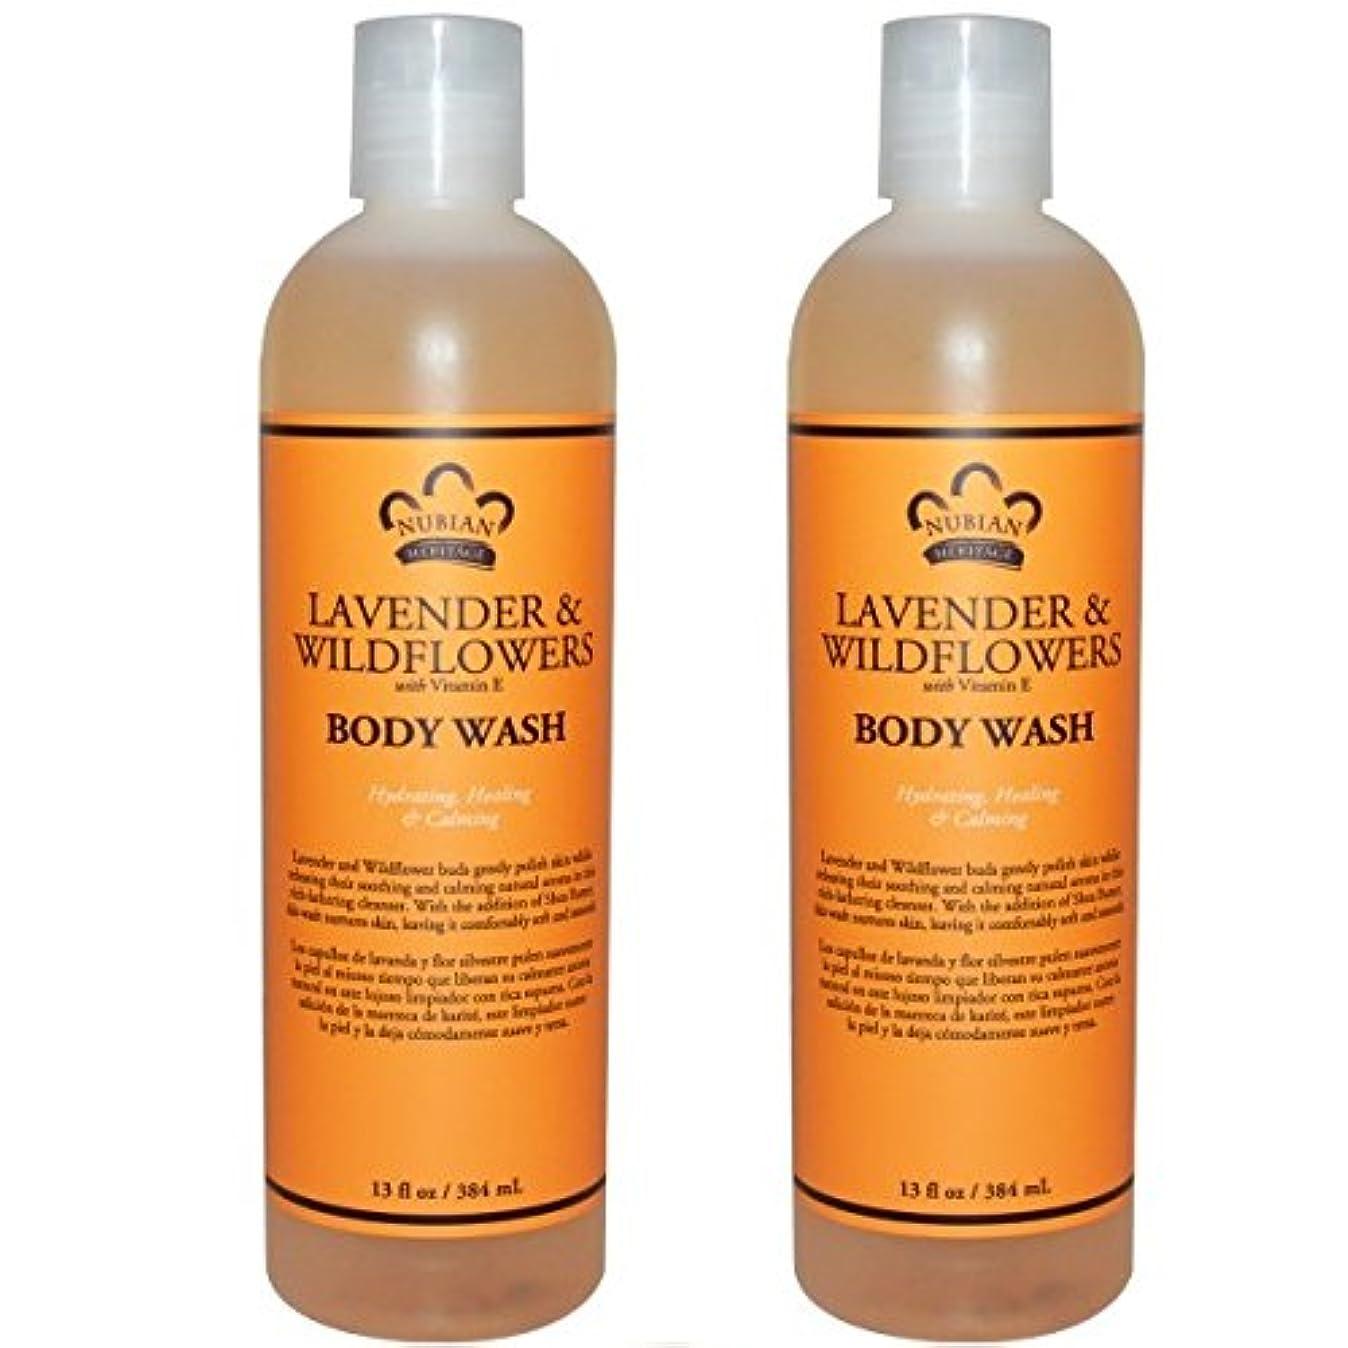 経験者一瞬ブレース【海外直送品】【2本】Nubian Heritage Body Wash Relaxing & Nourishing, Lavender & Wildflowers - 13 fl oz (384 ml)